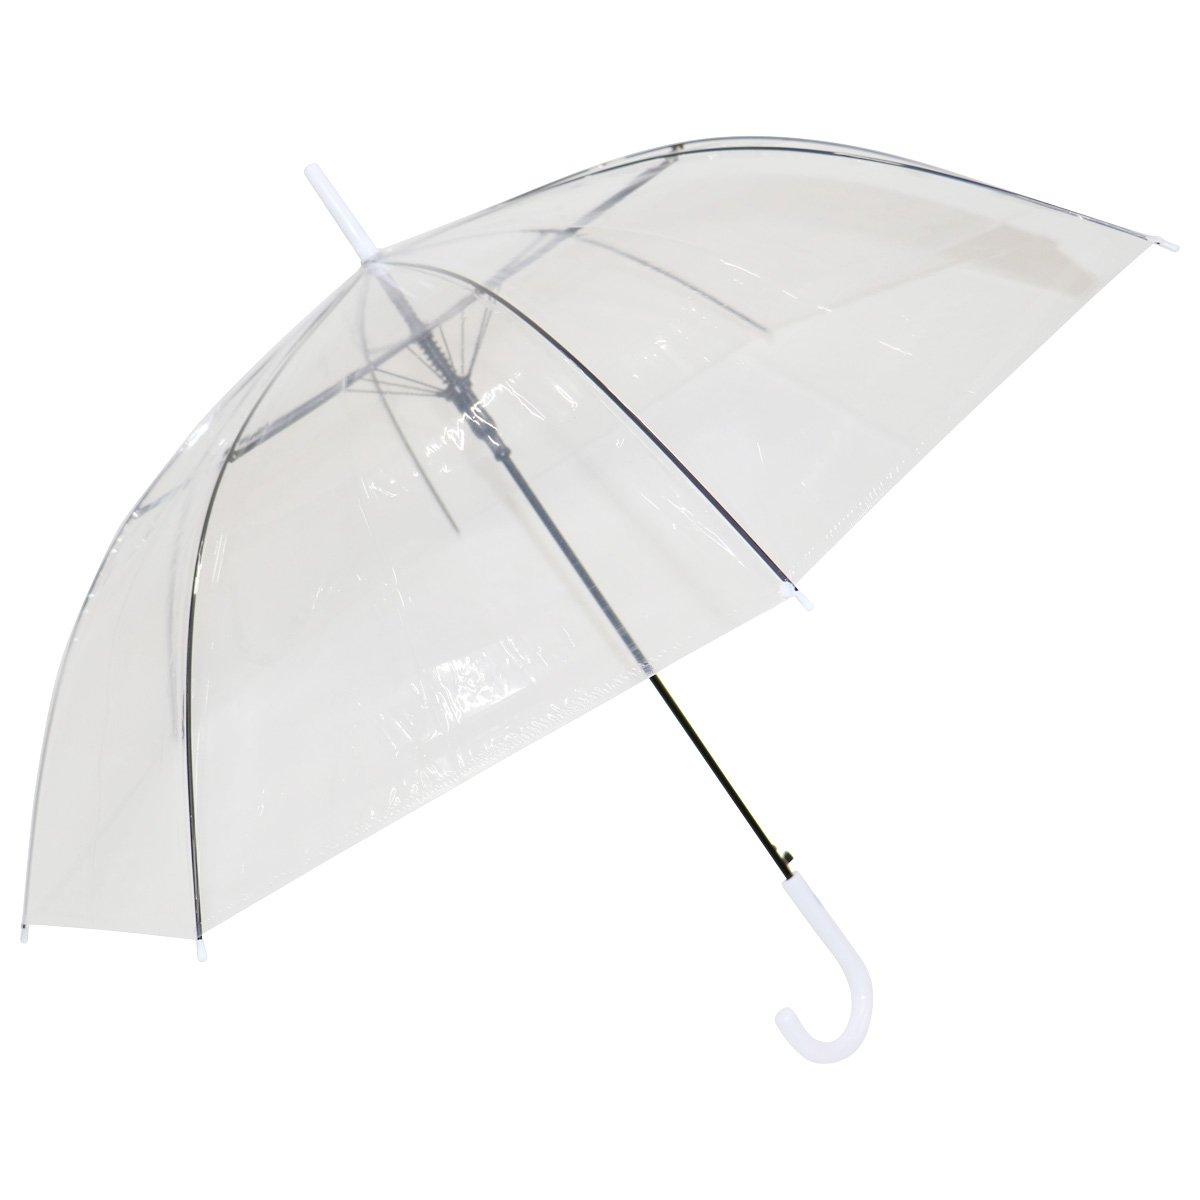 ビニール傘 透明 60cm ジャンプ式 48本 送料無料 傘 かさ まとめ買い 業務用 激安 (ホワイト) B079XYCTBC